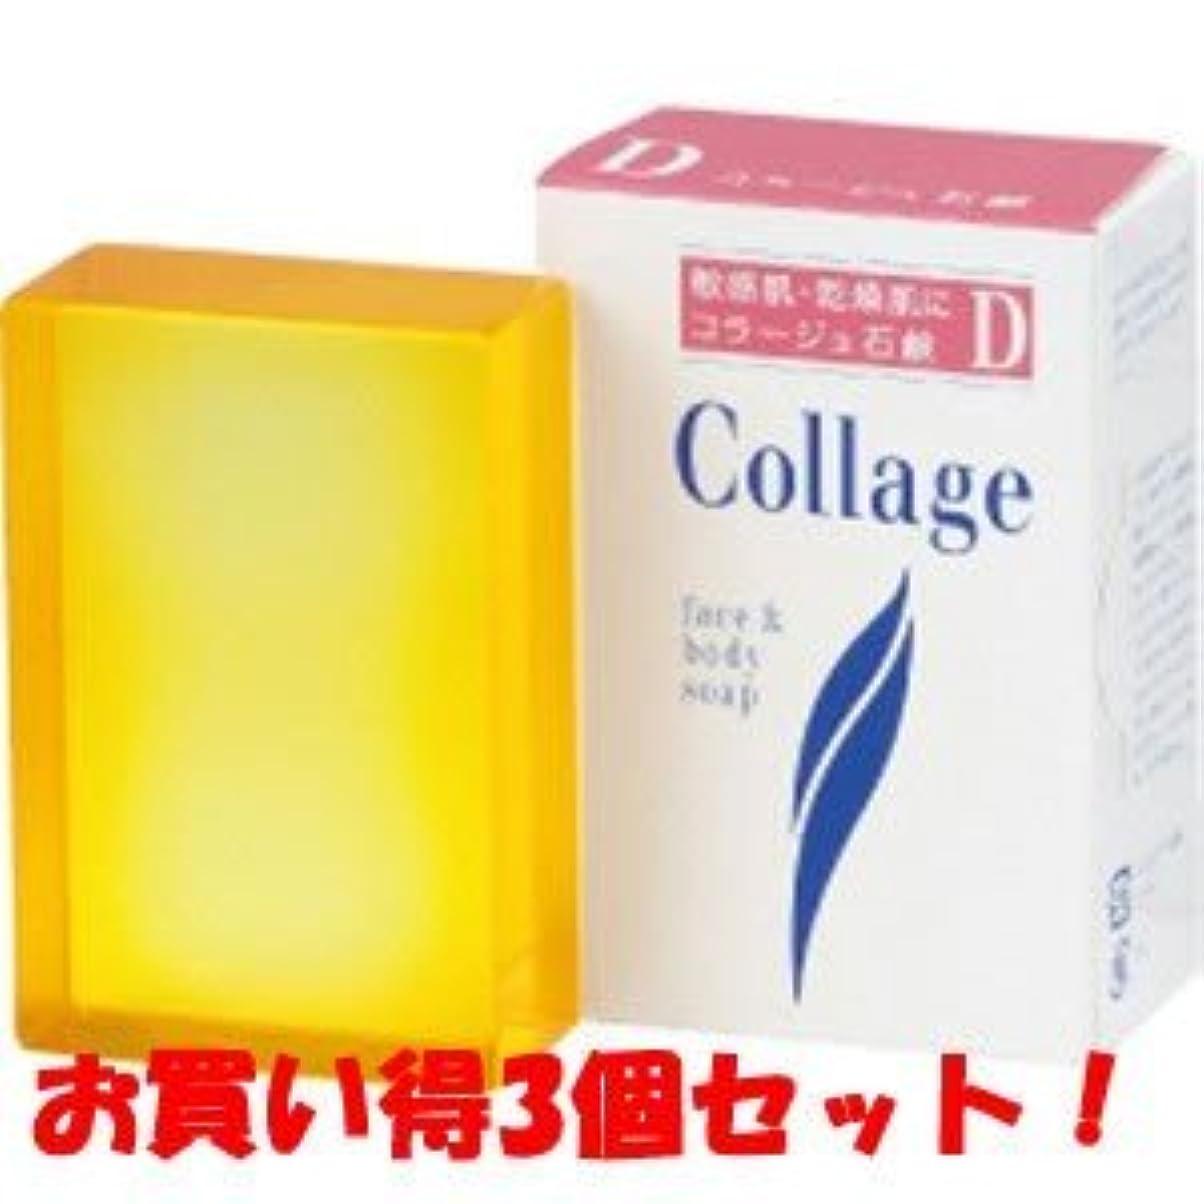 お風呂を持っているあいさつクラブ(持田ヘルスケア)コラージュD乾性肌用石鹸 100g(お買い得3個セット)